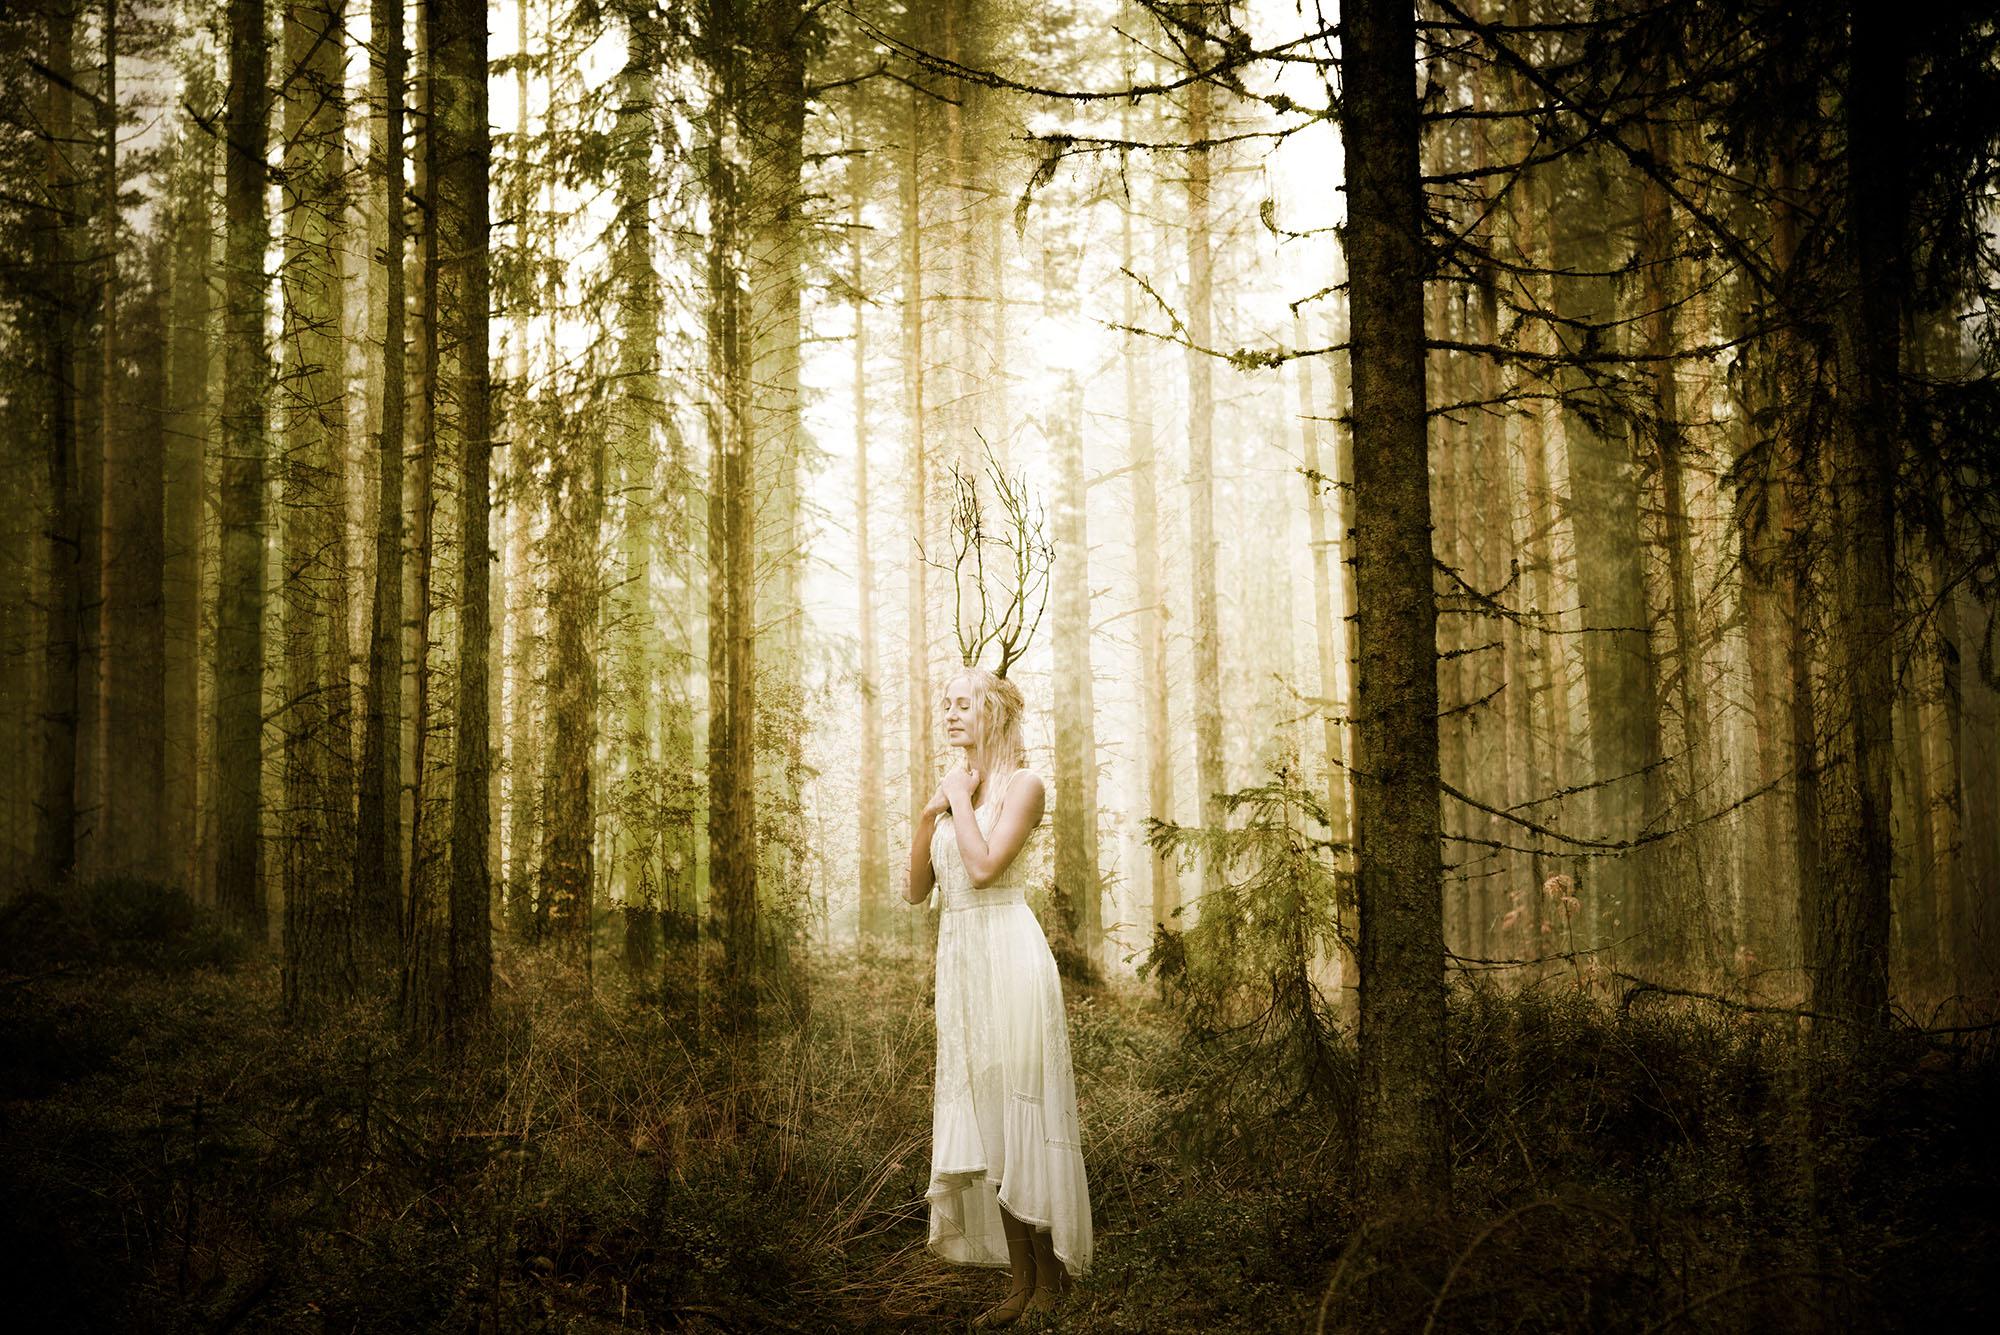 Andas med skogen - Jonna Jinton